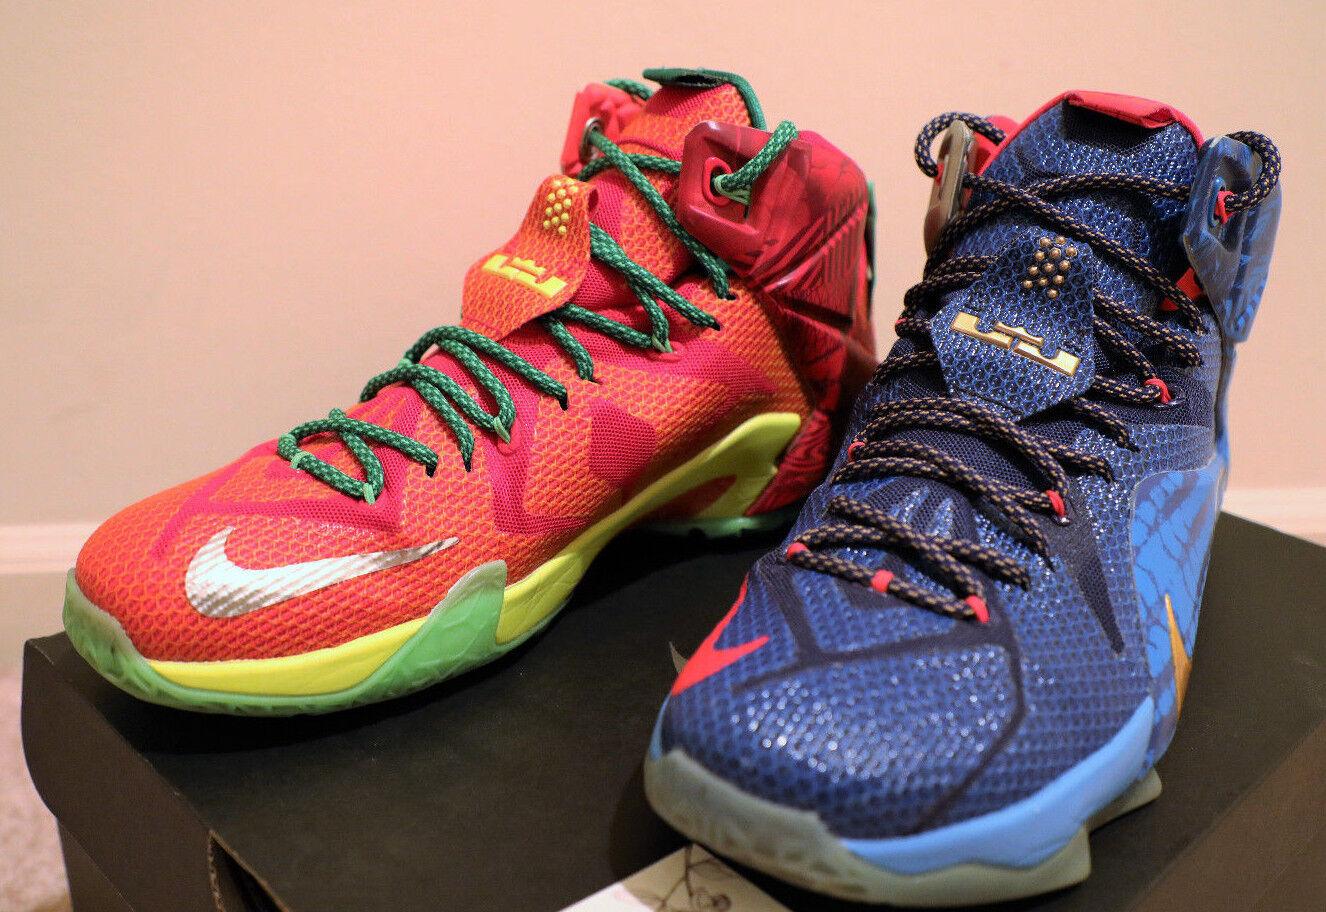 Nike Nike Nike - zoom lebron 12 xii, was die 11 promo - stichprobe pe 15 14 13 10 9 8 niedrig a14b42